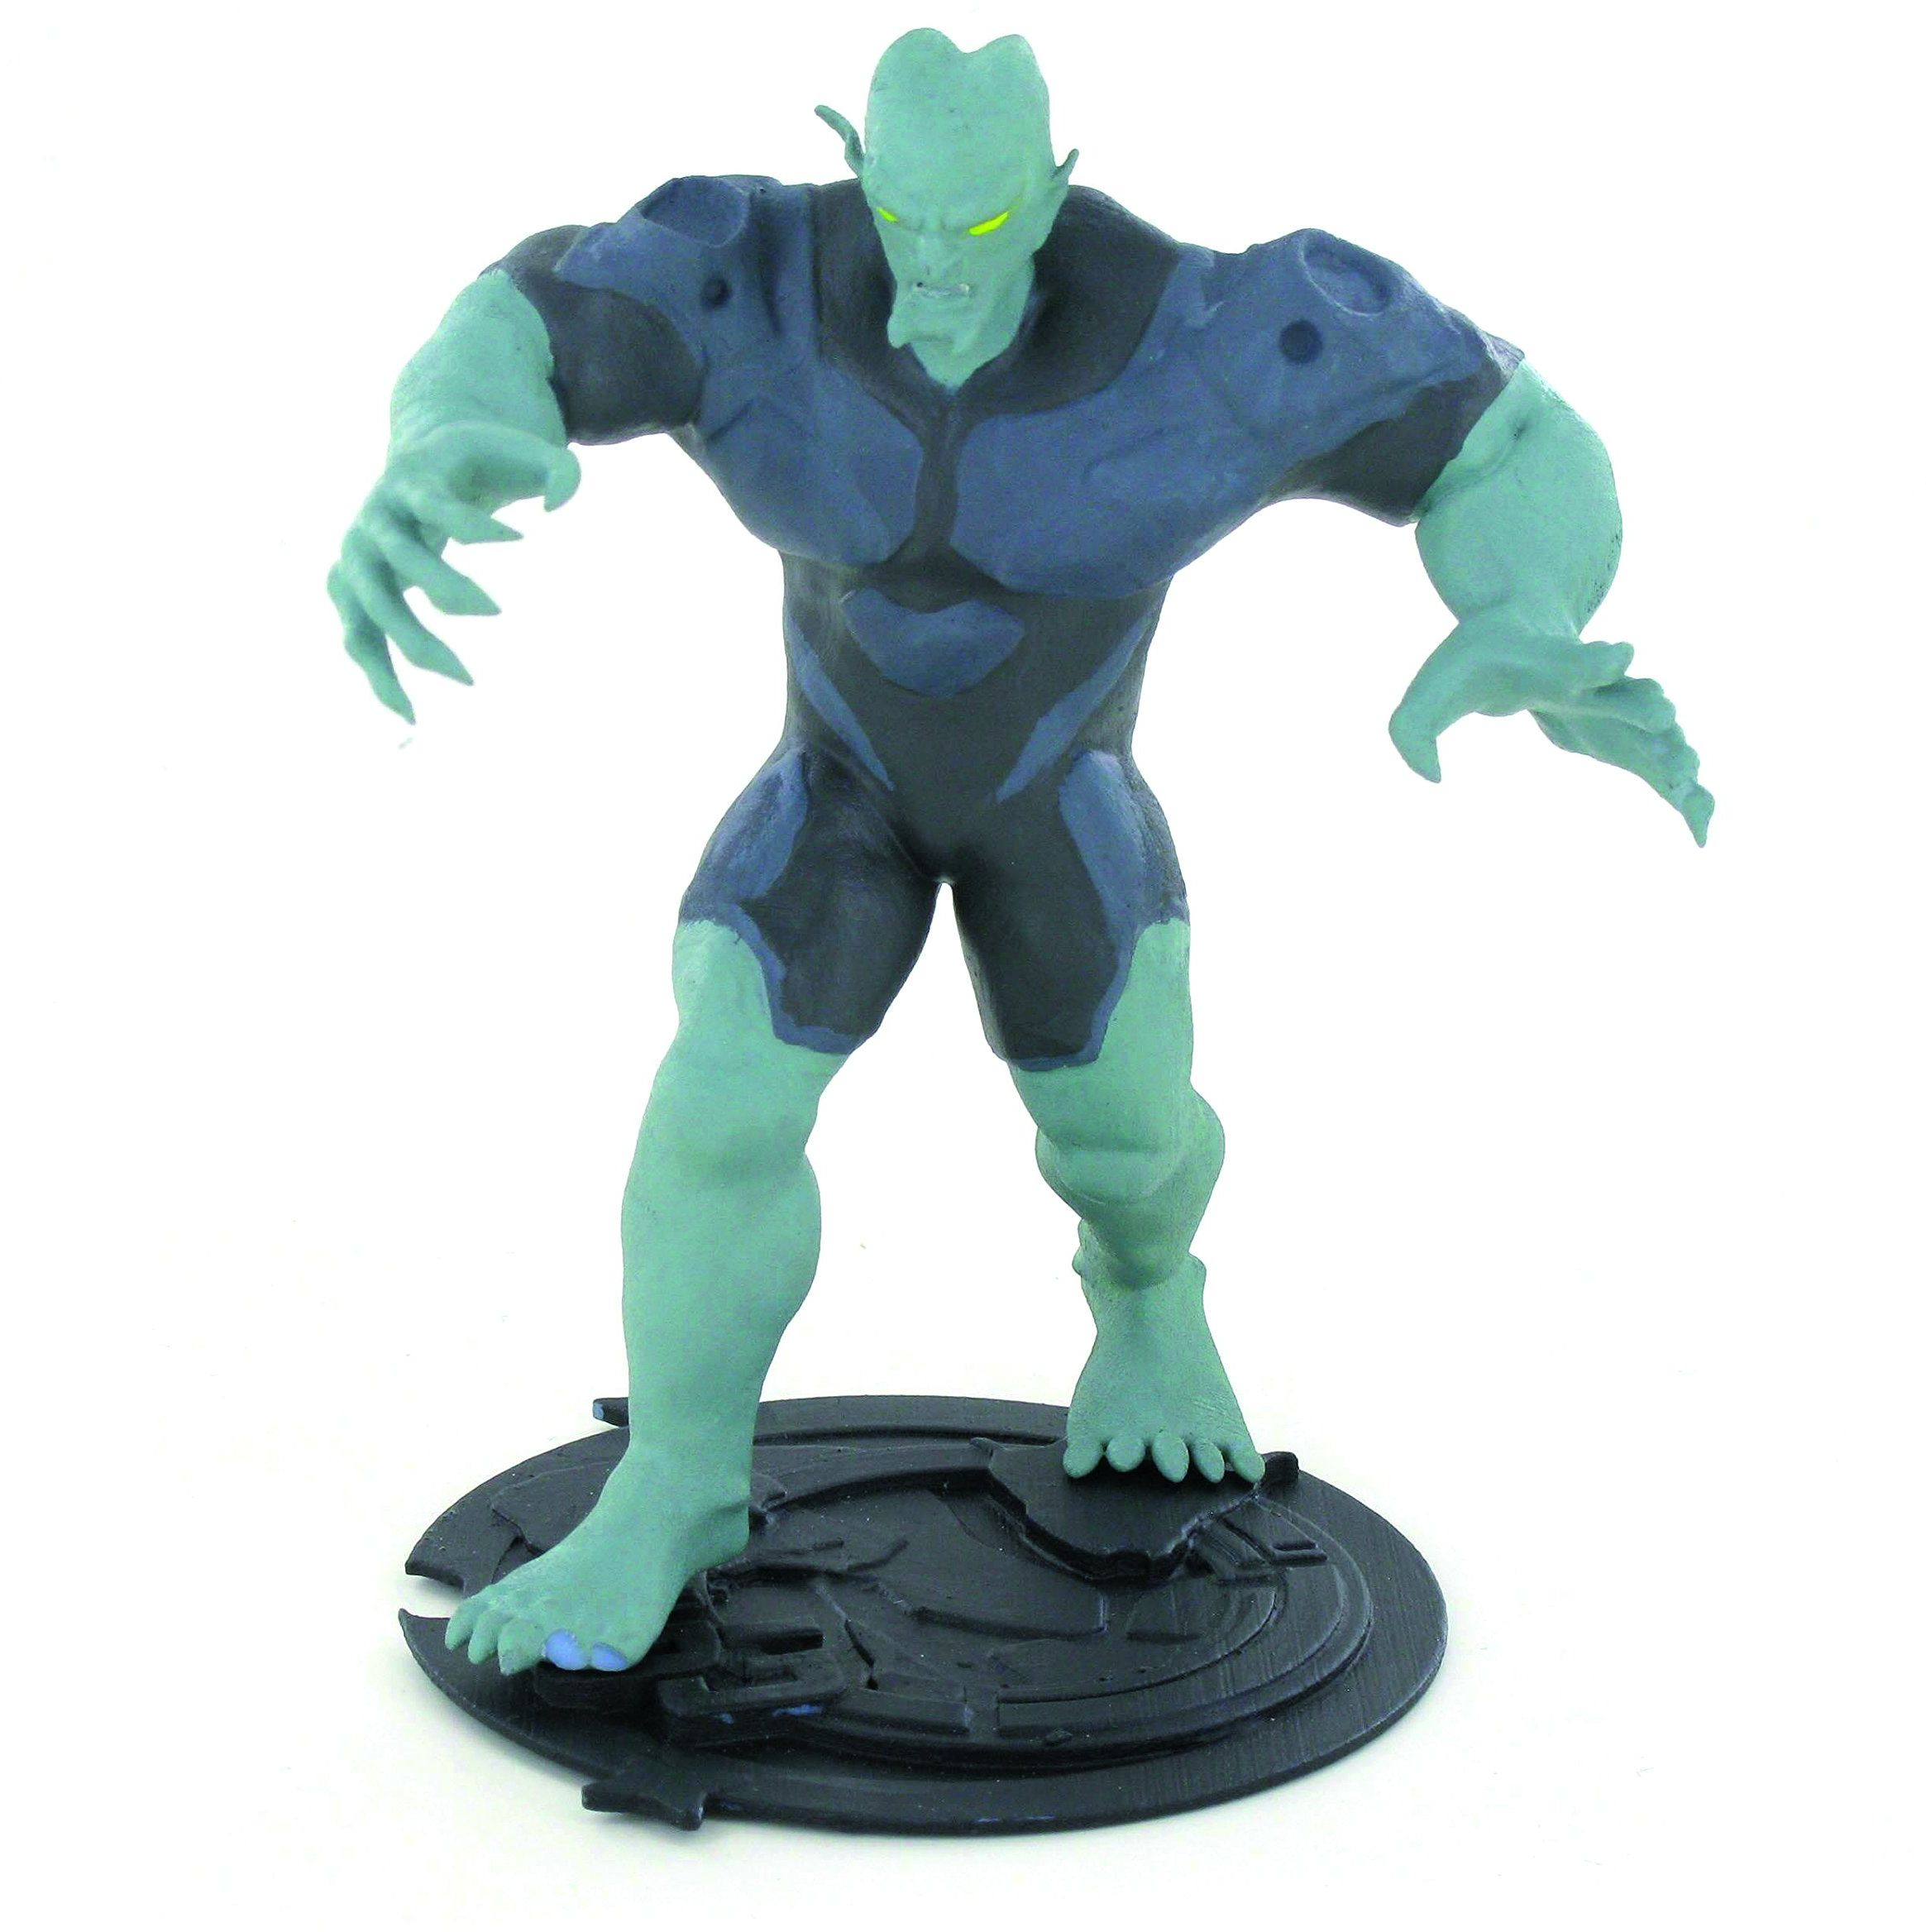 Comansi COM-Y96037 48017 Spider-Man Spiderman zielony goblin figurka